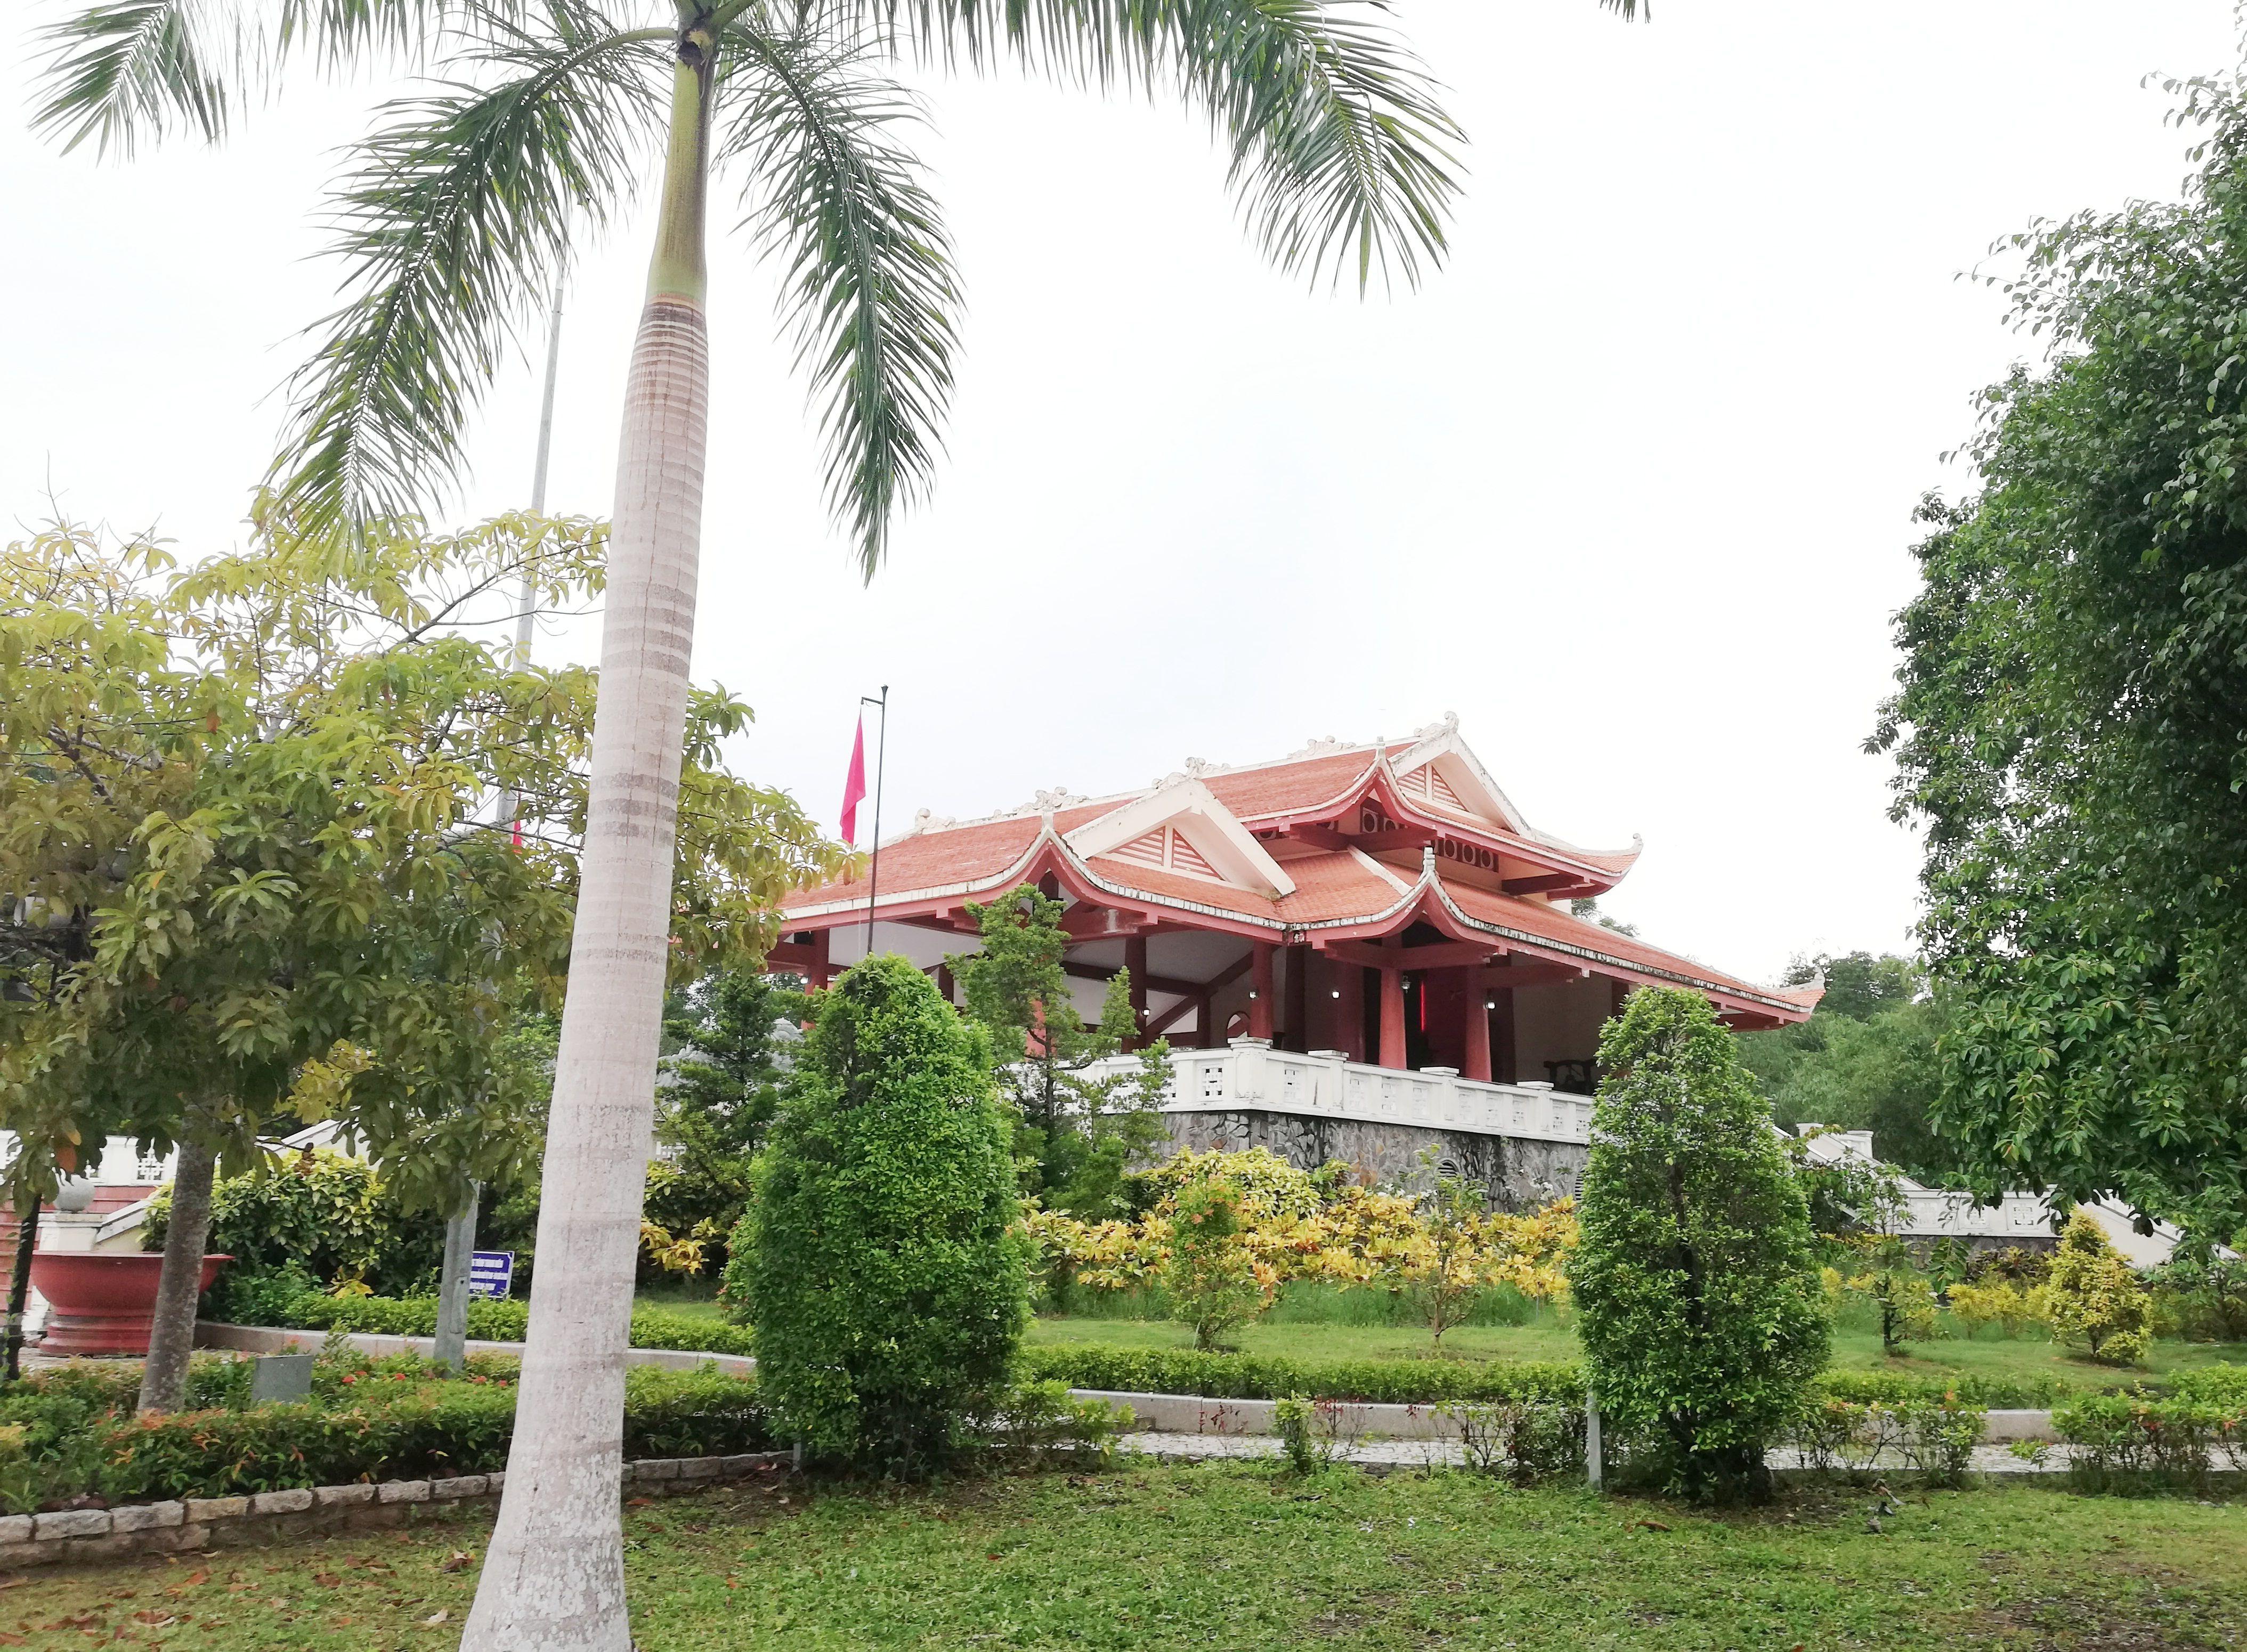 Khu tưởng niệm Bác Hồ ở Cà Mau – Điểm đến lý tưởng